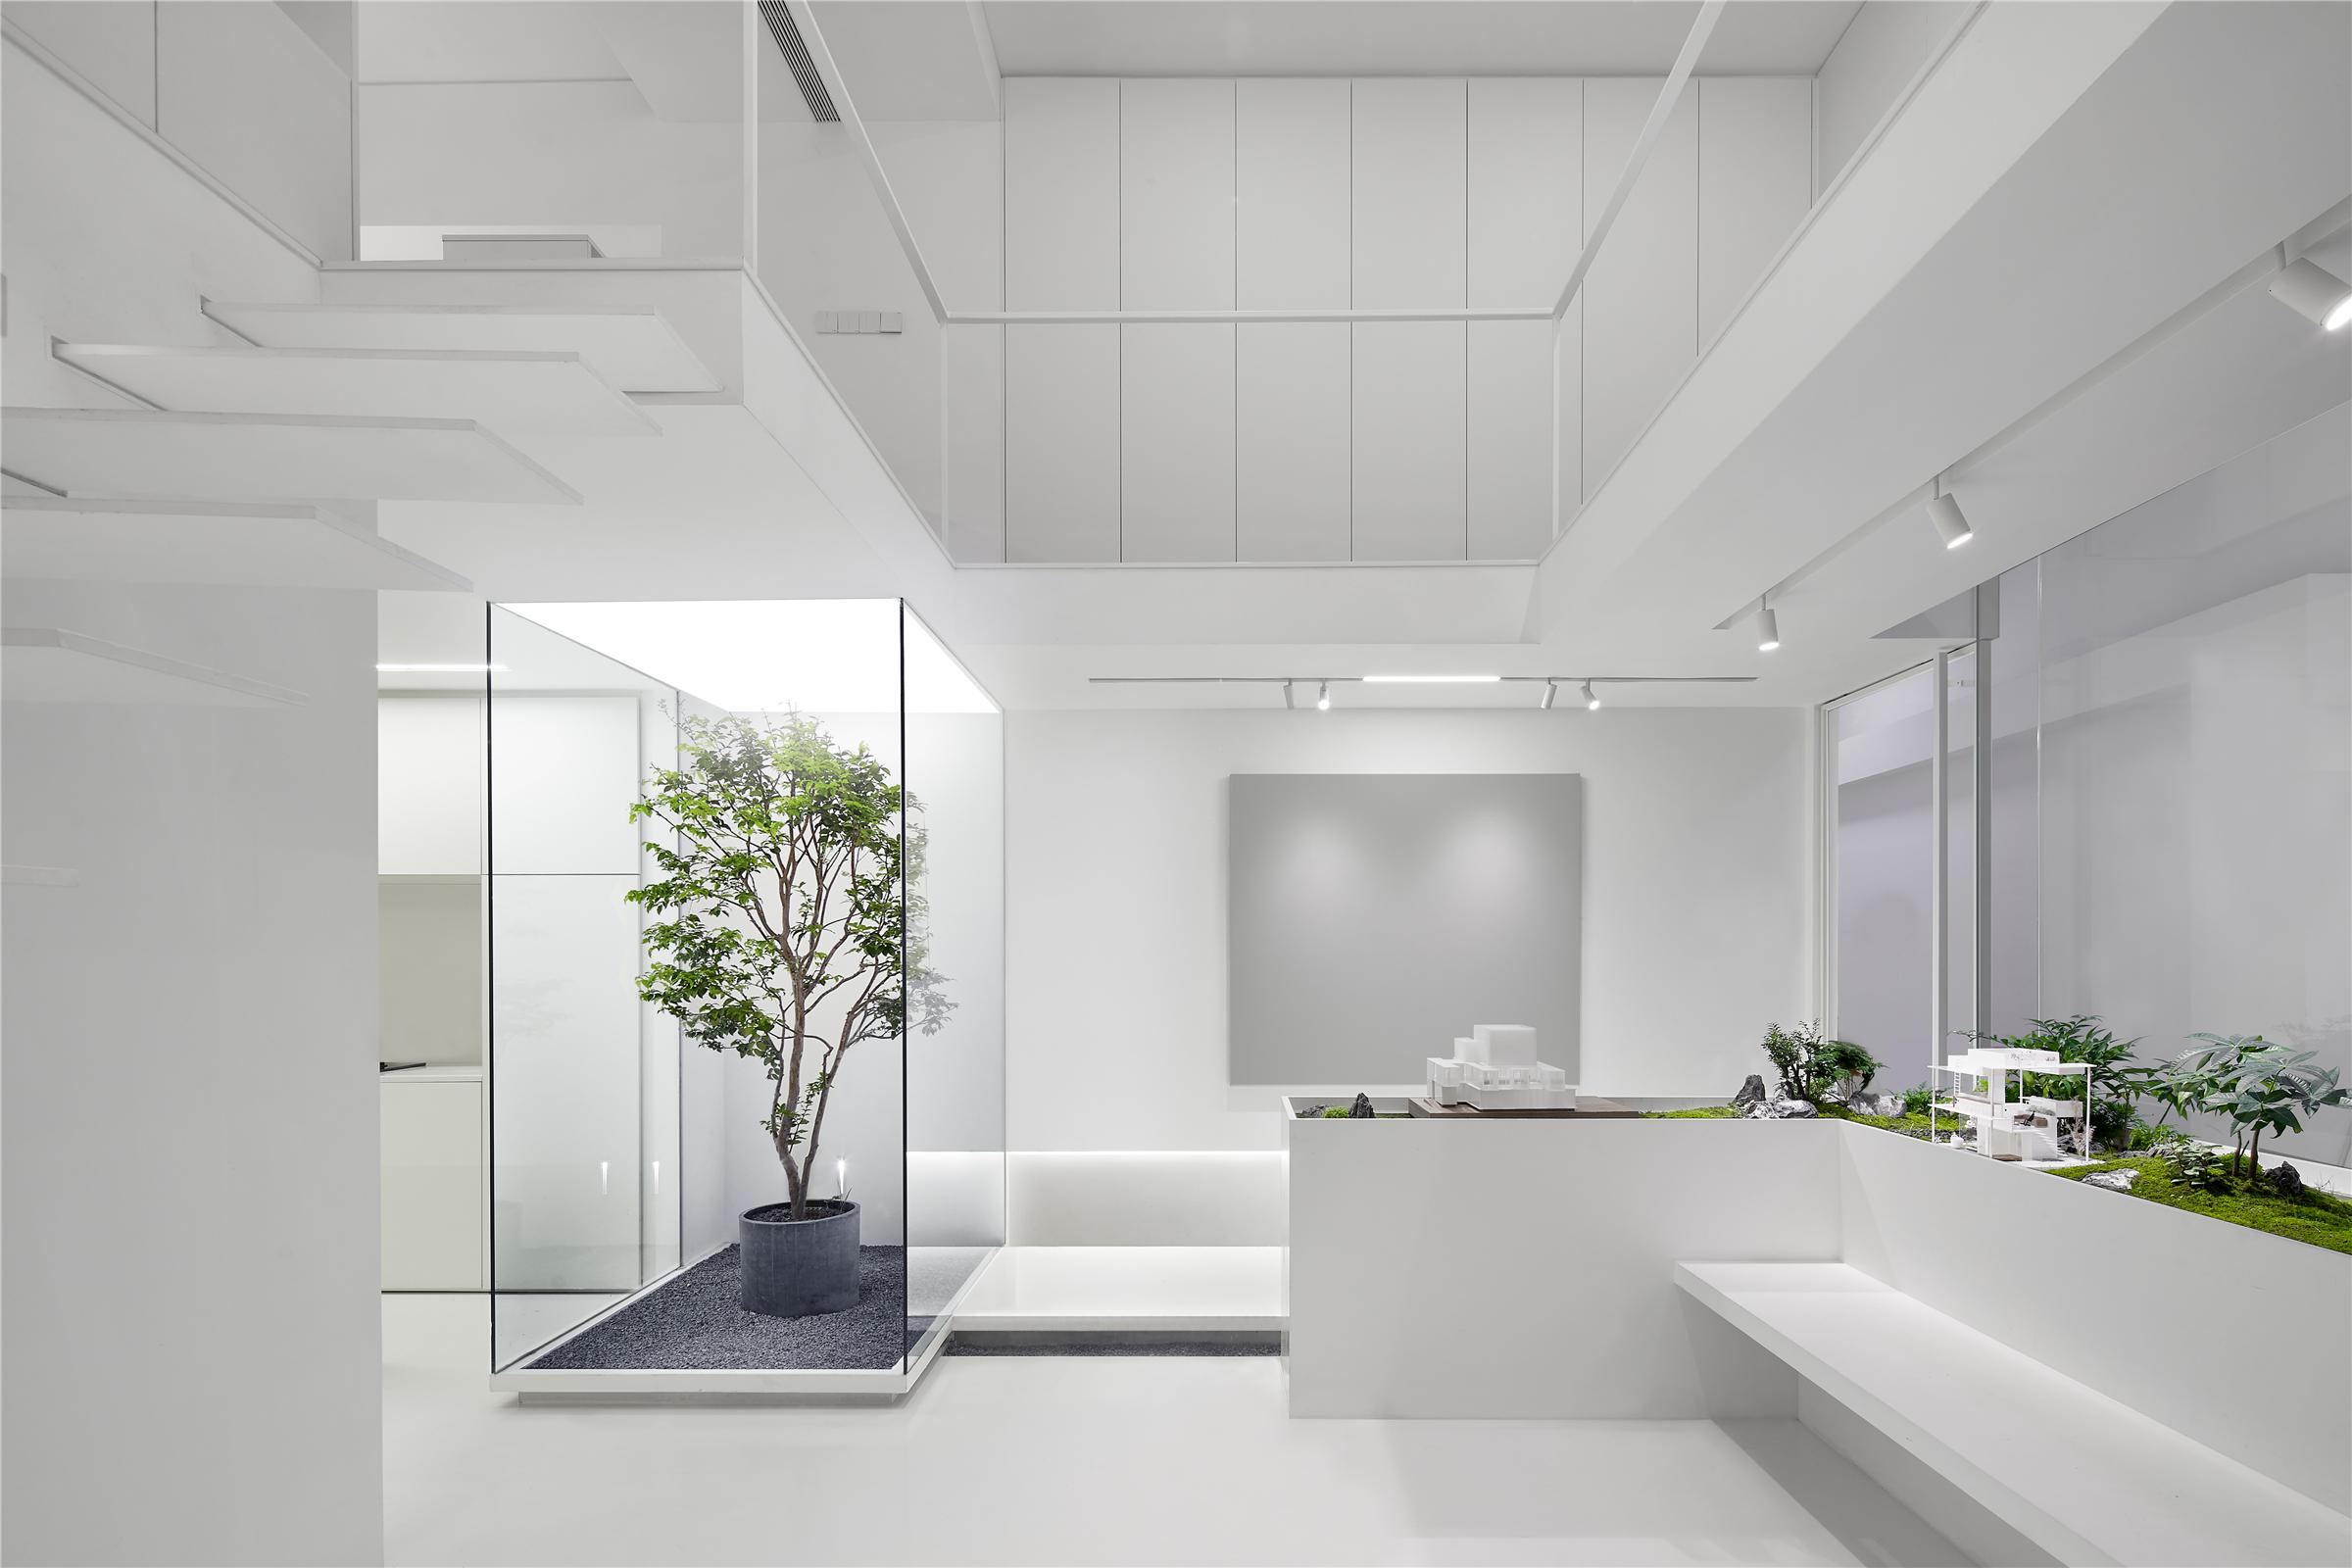 6人办公室_每个人的花园,生态办公改造:目心新办公室 / 上海目心设计 ...